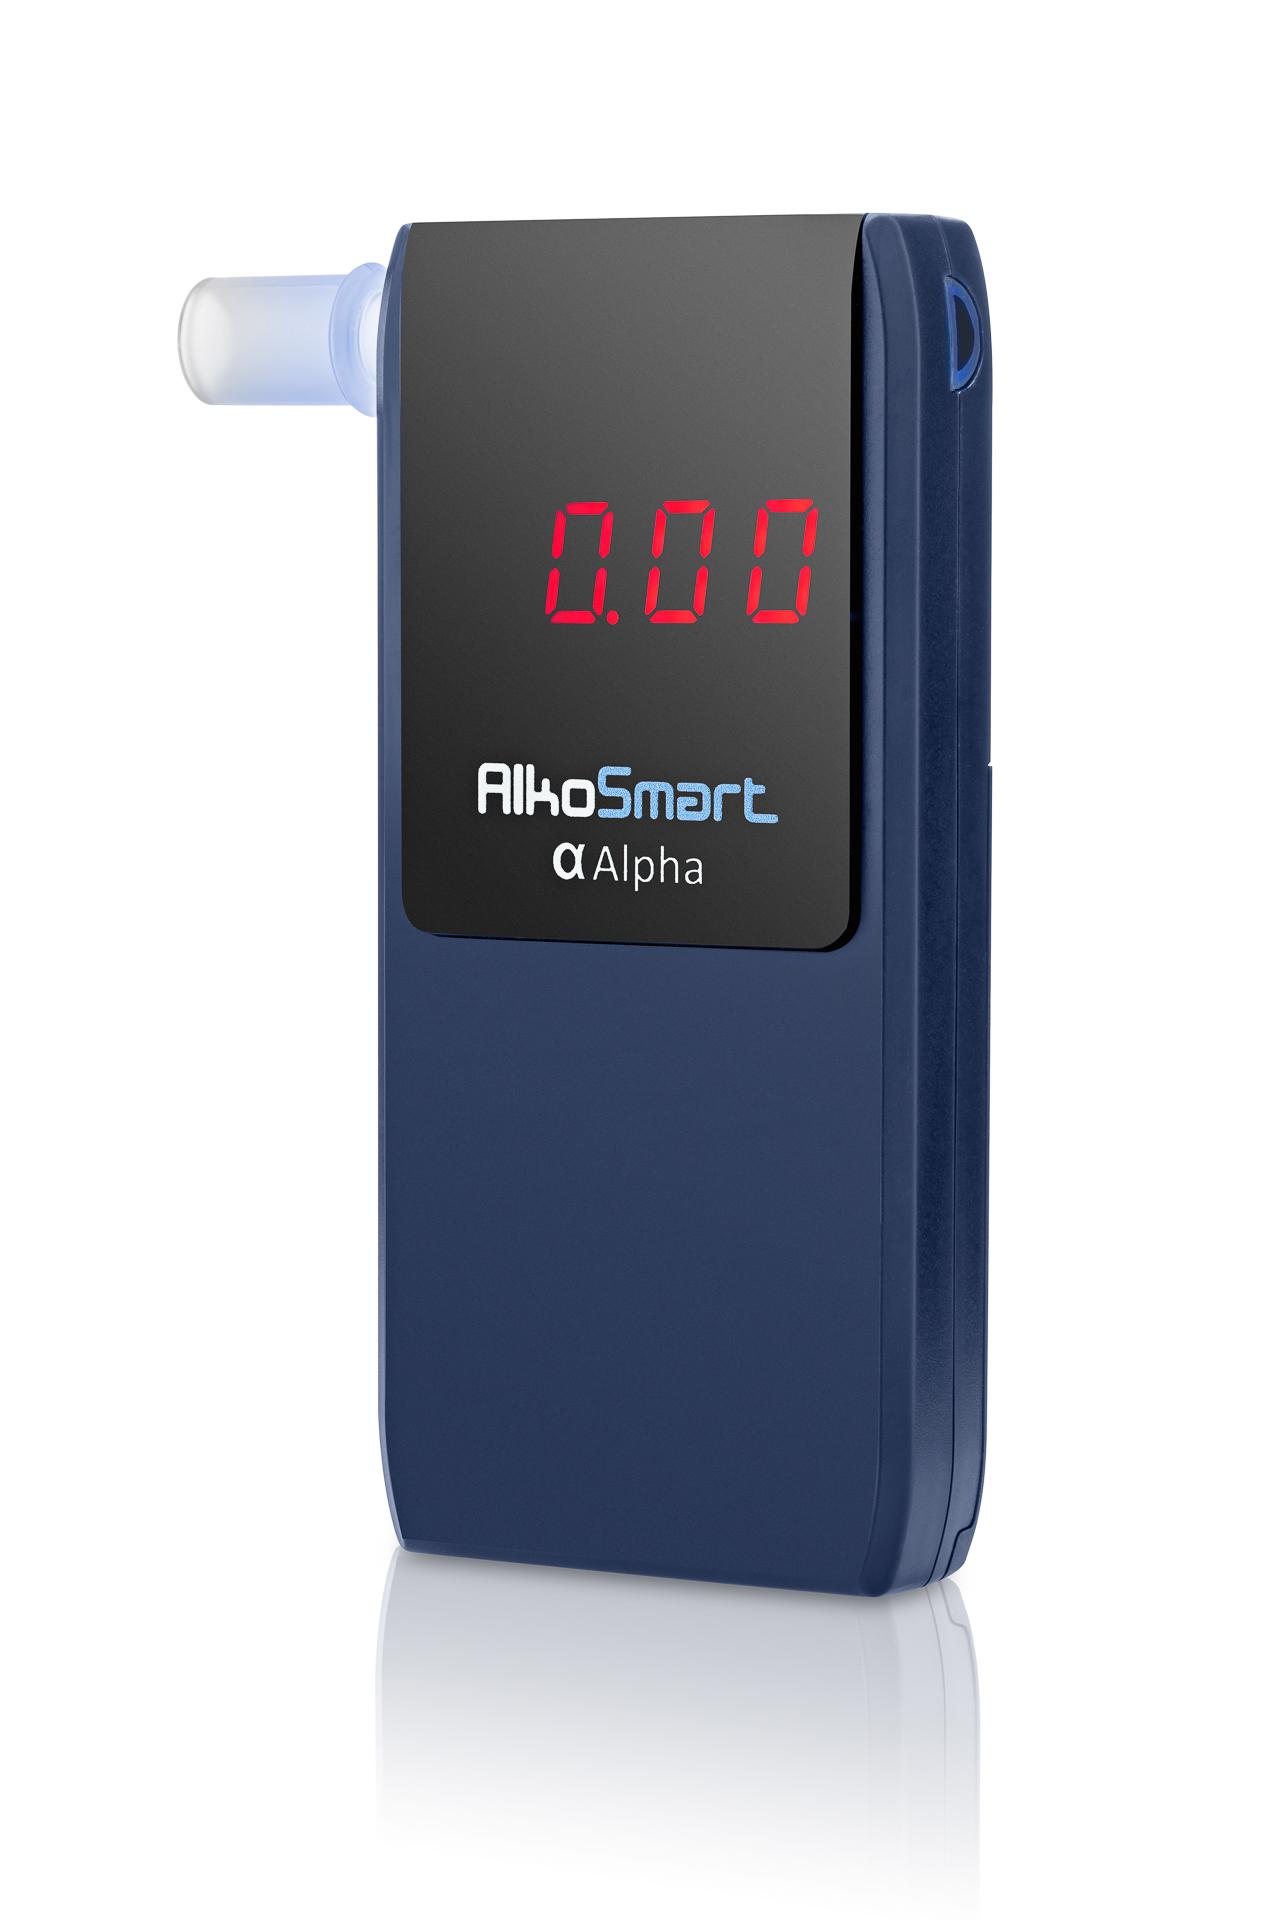 Alkomat-alkosmart-alpha-3.jpg